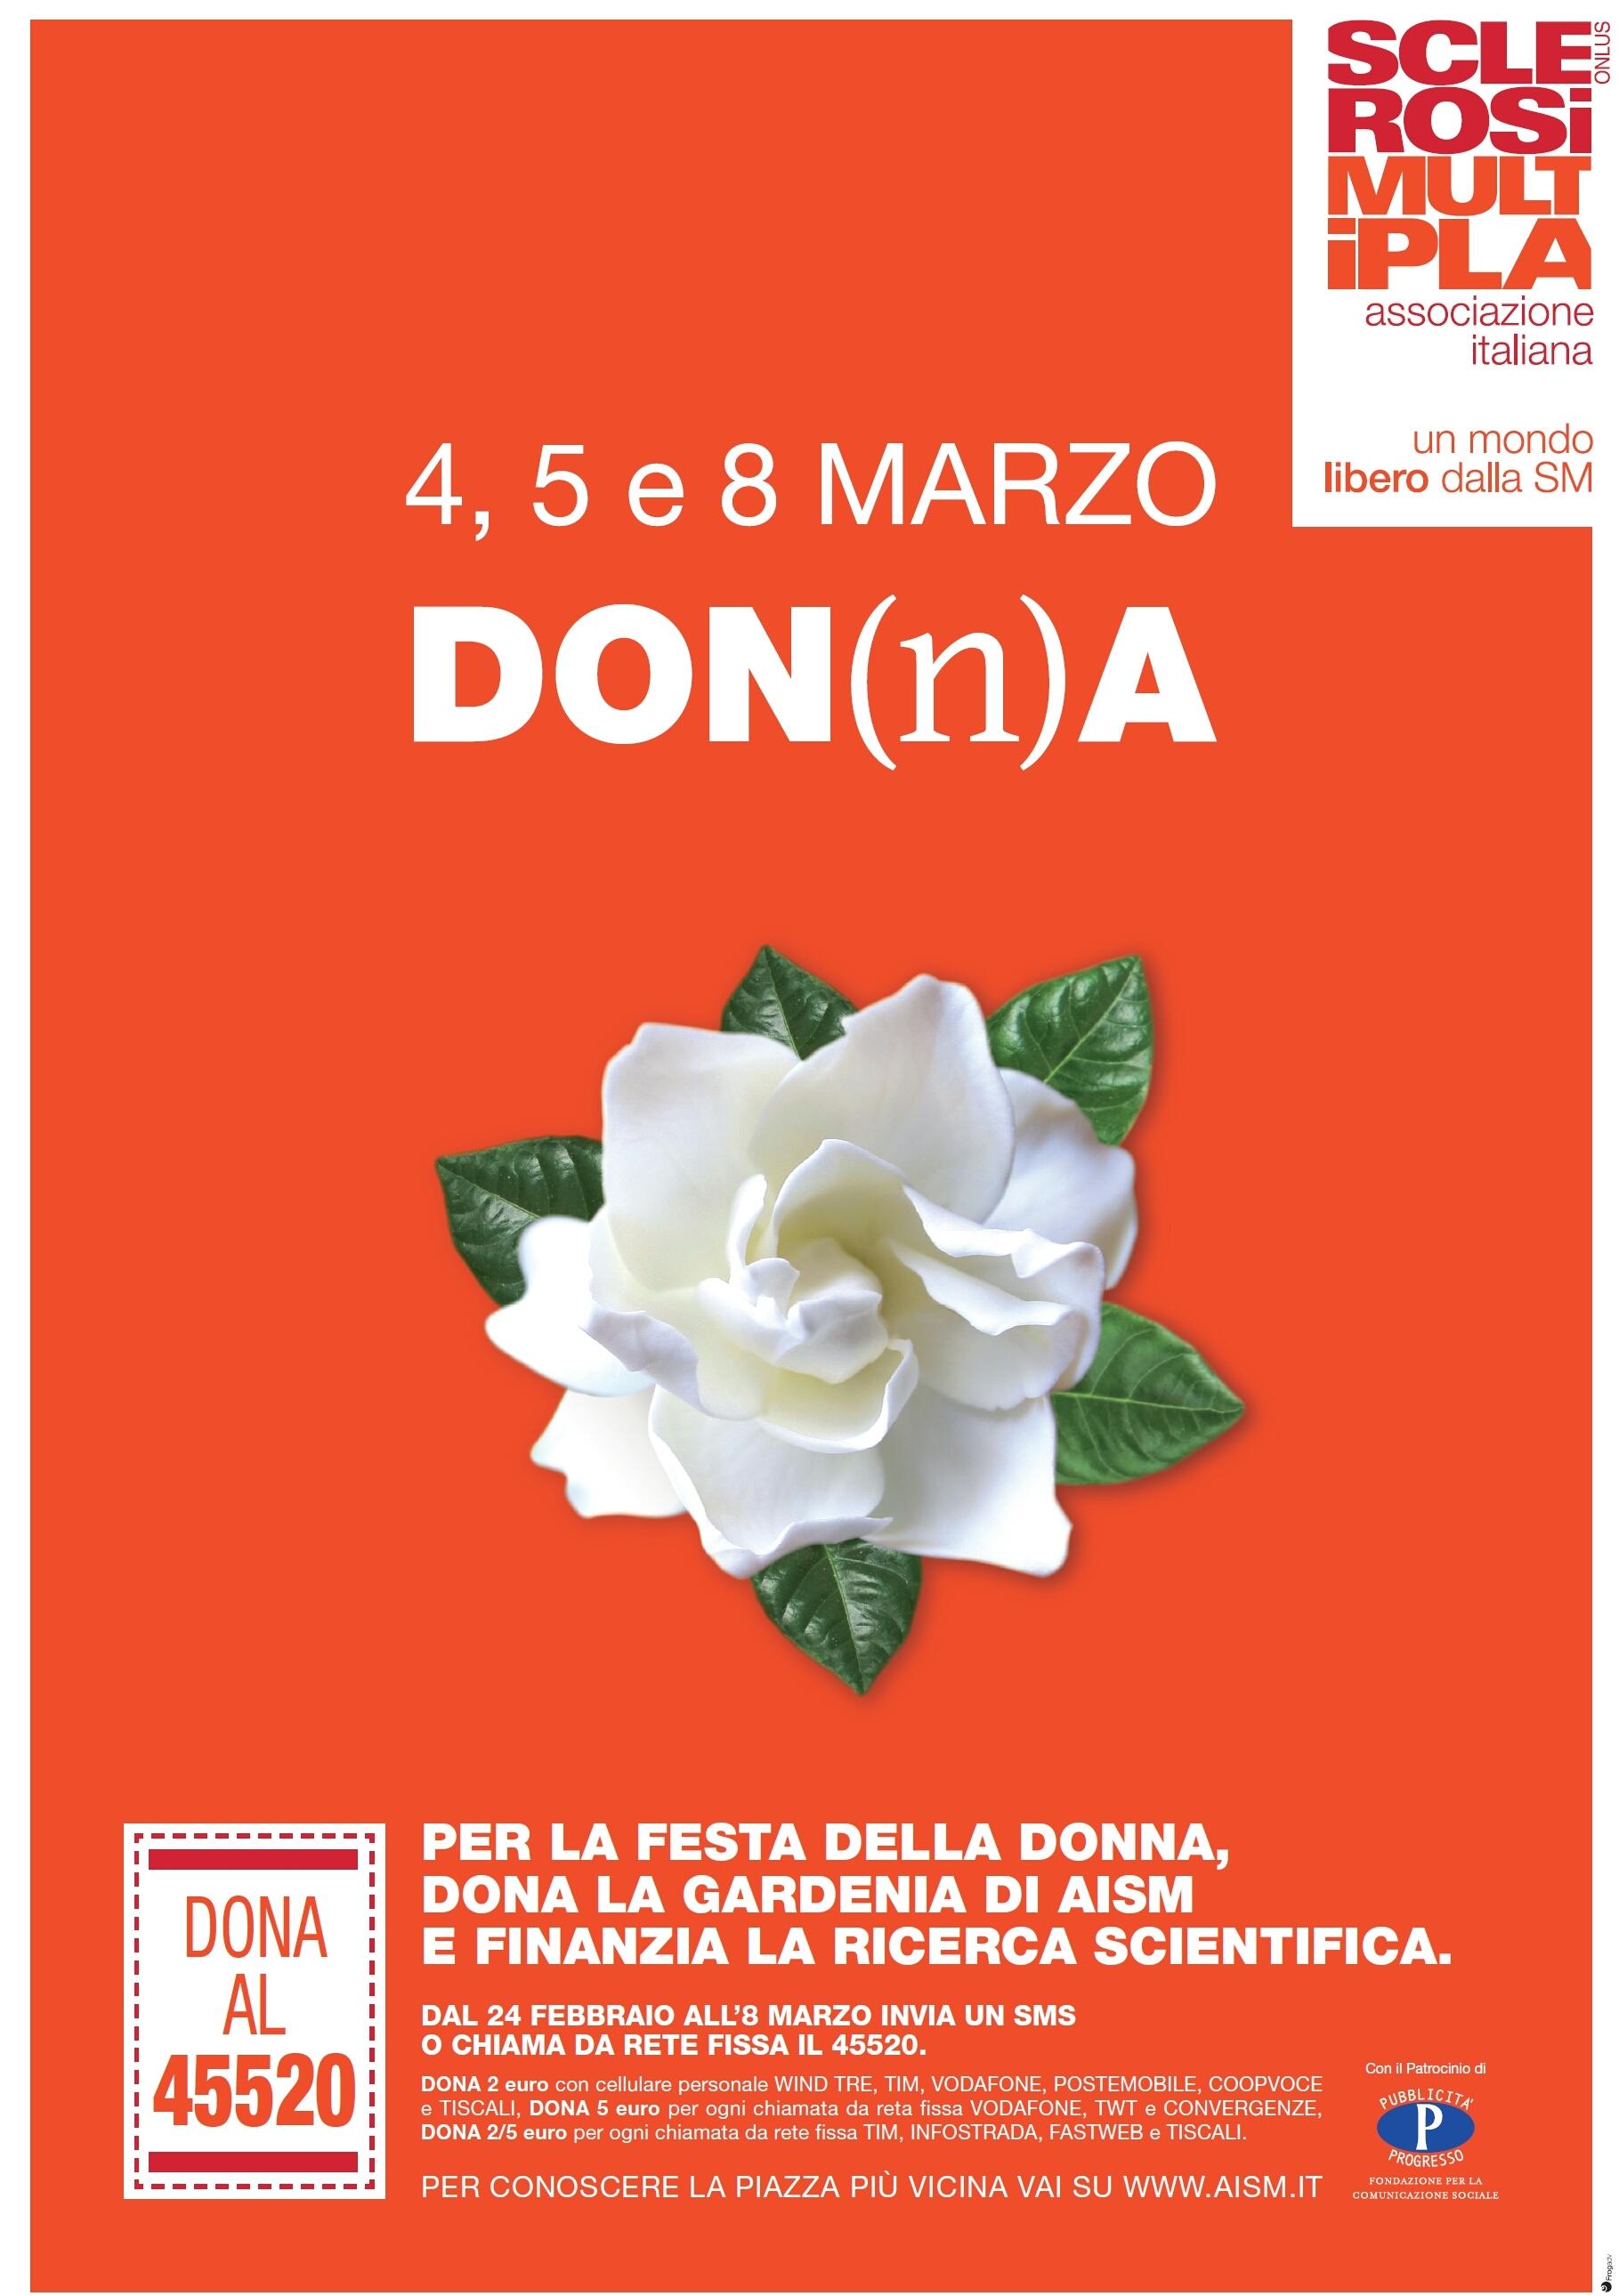 Dal 24 febbraio all 8 marzo 2017 inoltre sar possibile sostenere la ricerca donando 2 o 5 euro al numero solidale